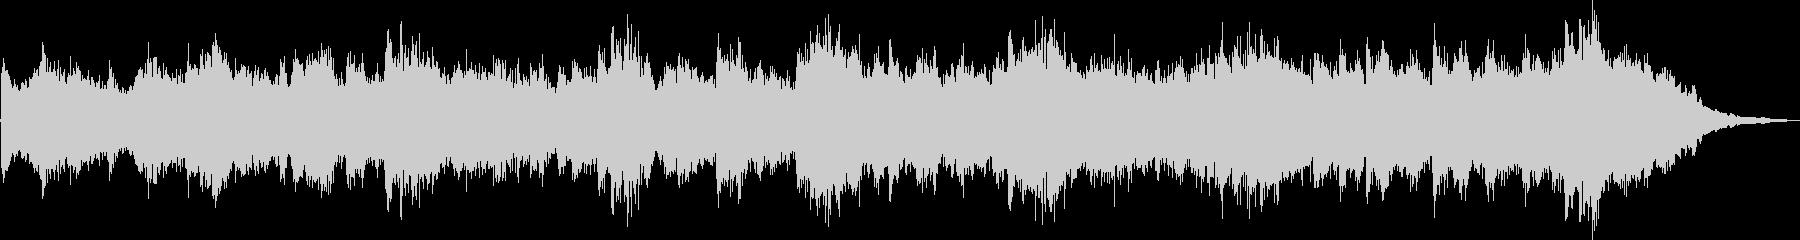 ピアノとシンセの癒し系BGMの未再生の波形